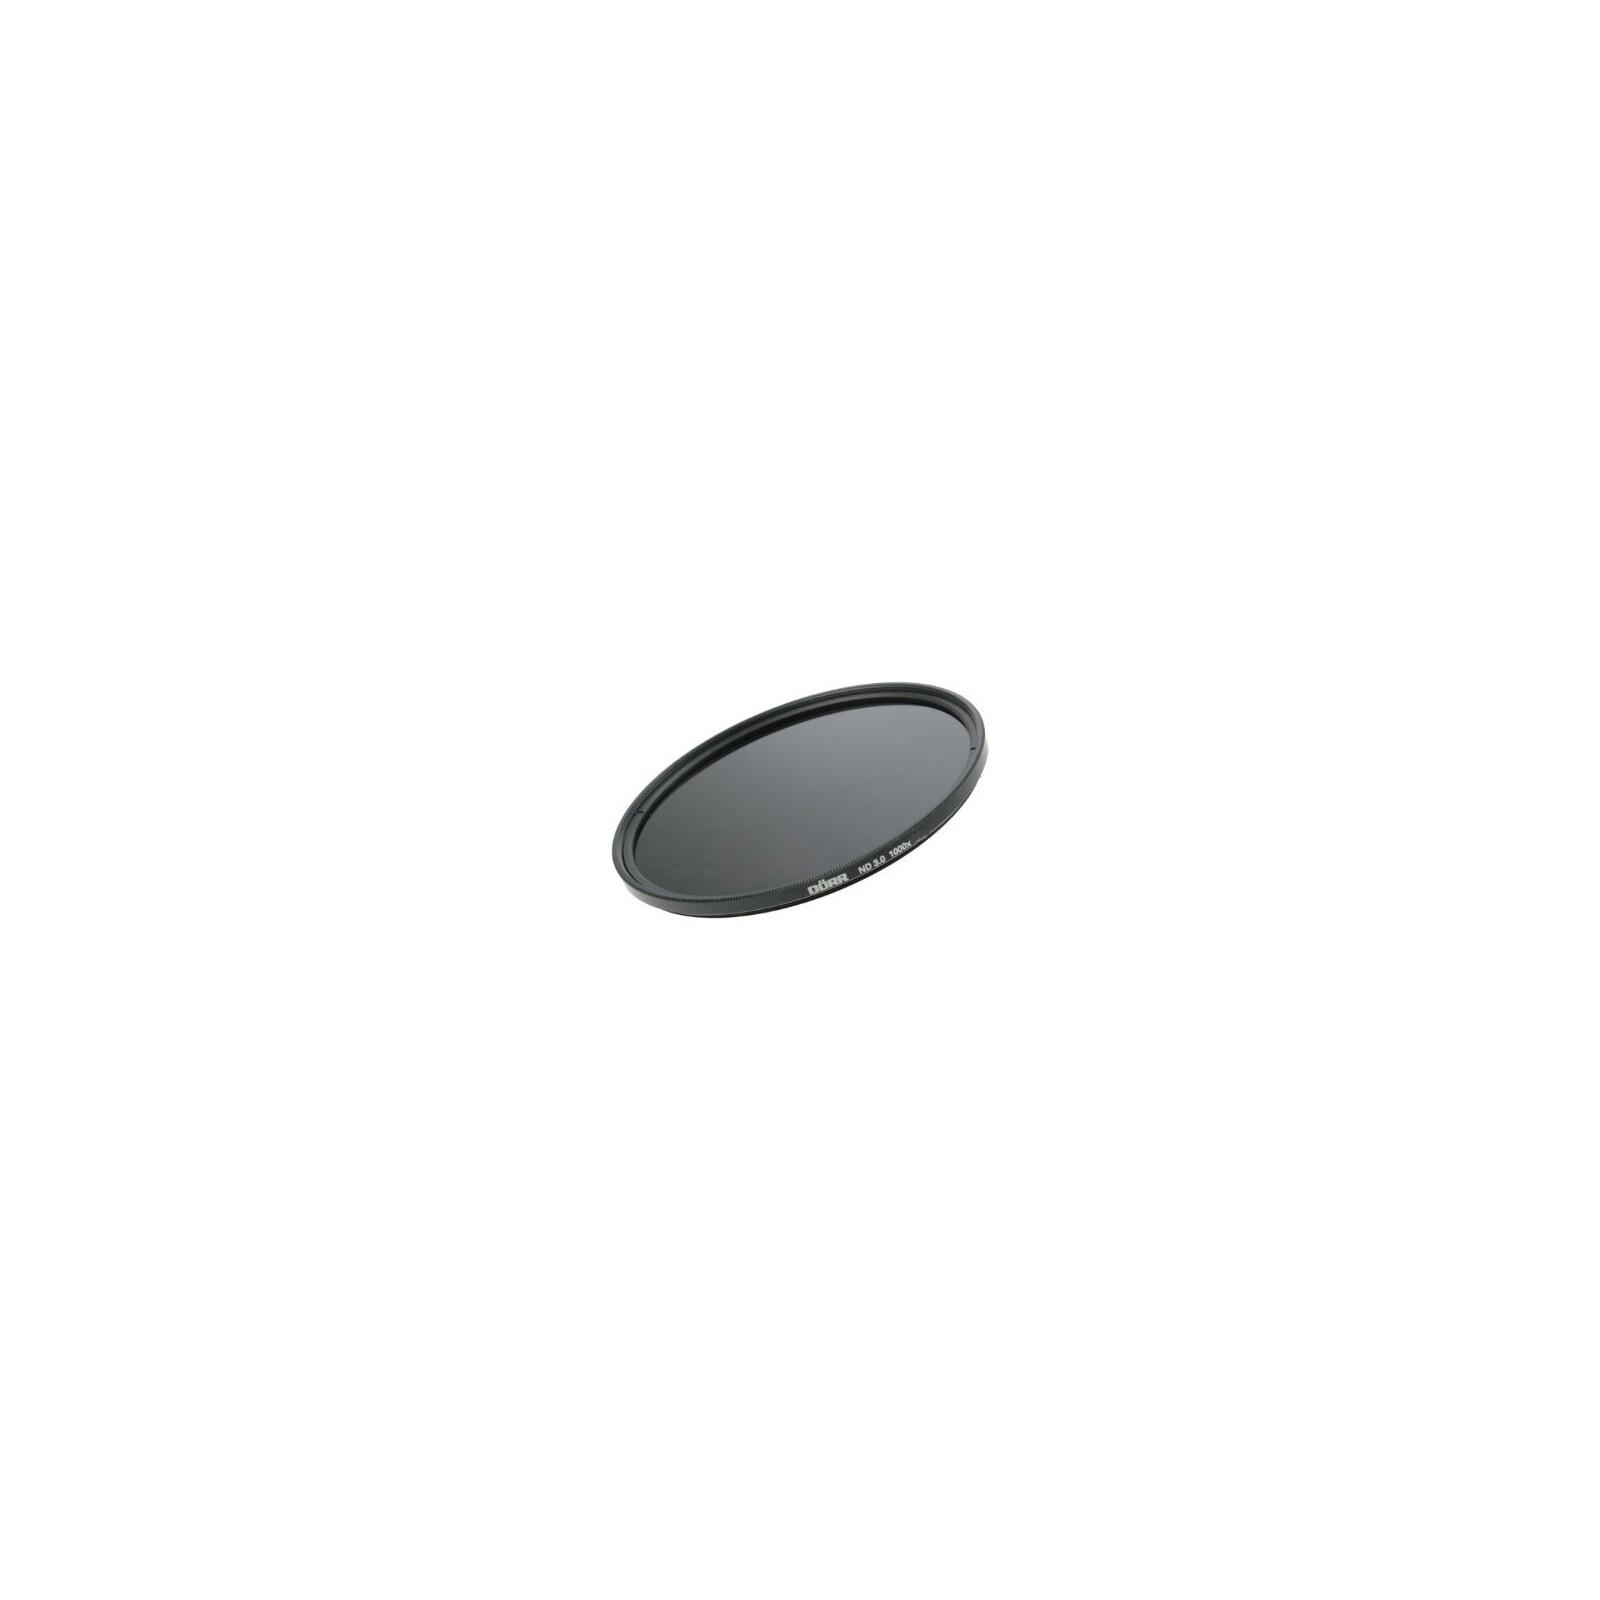 Dörr ND 3.0 1000x Graufilter 40,5mm